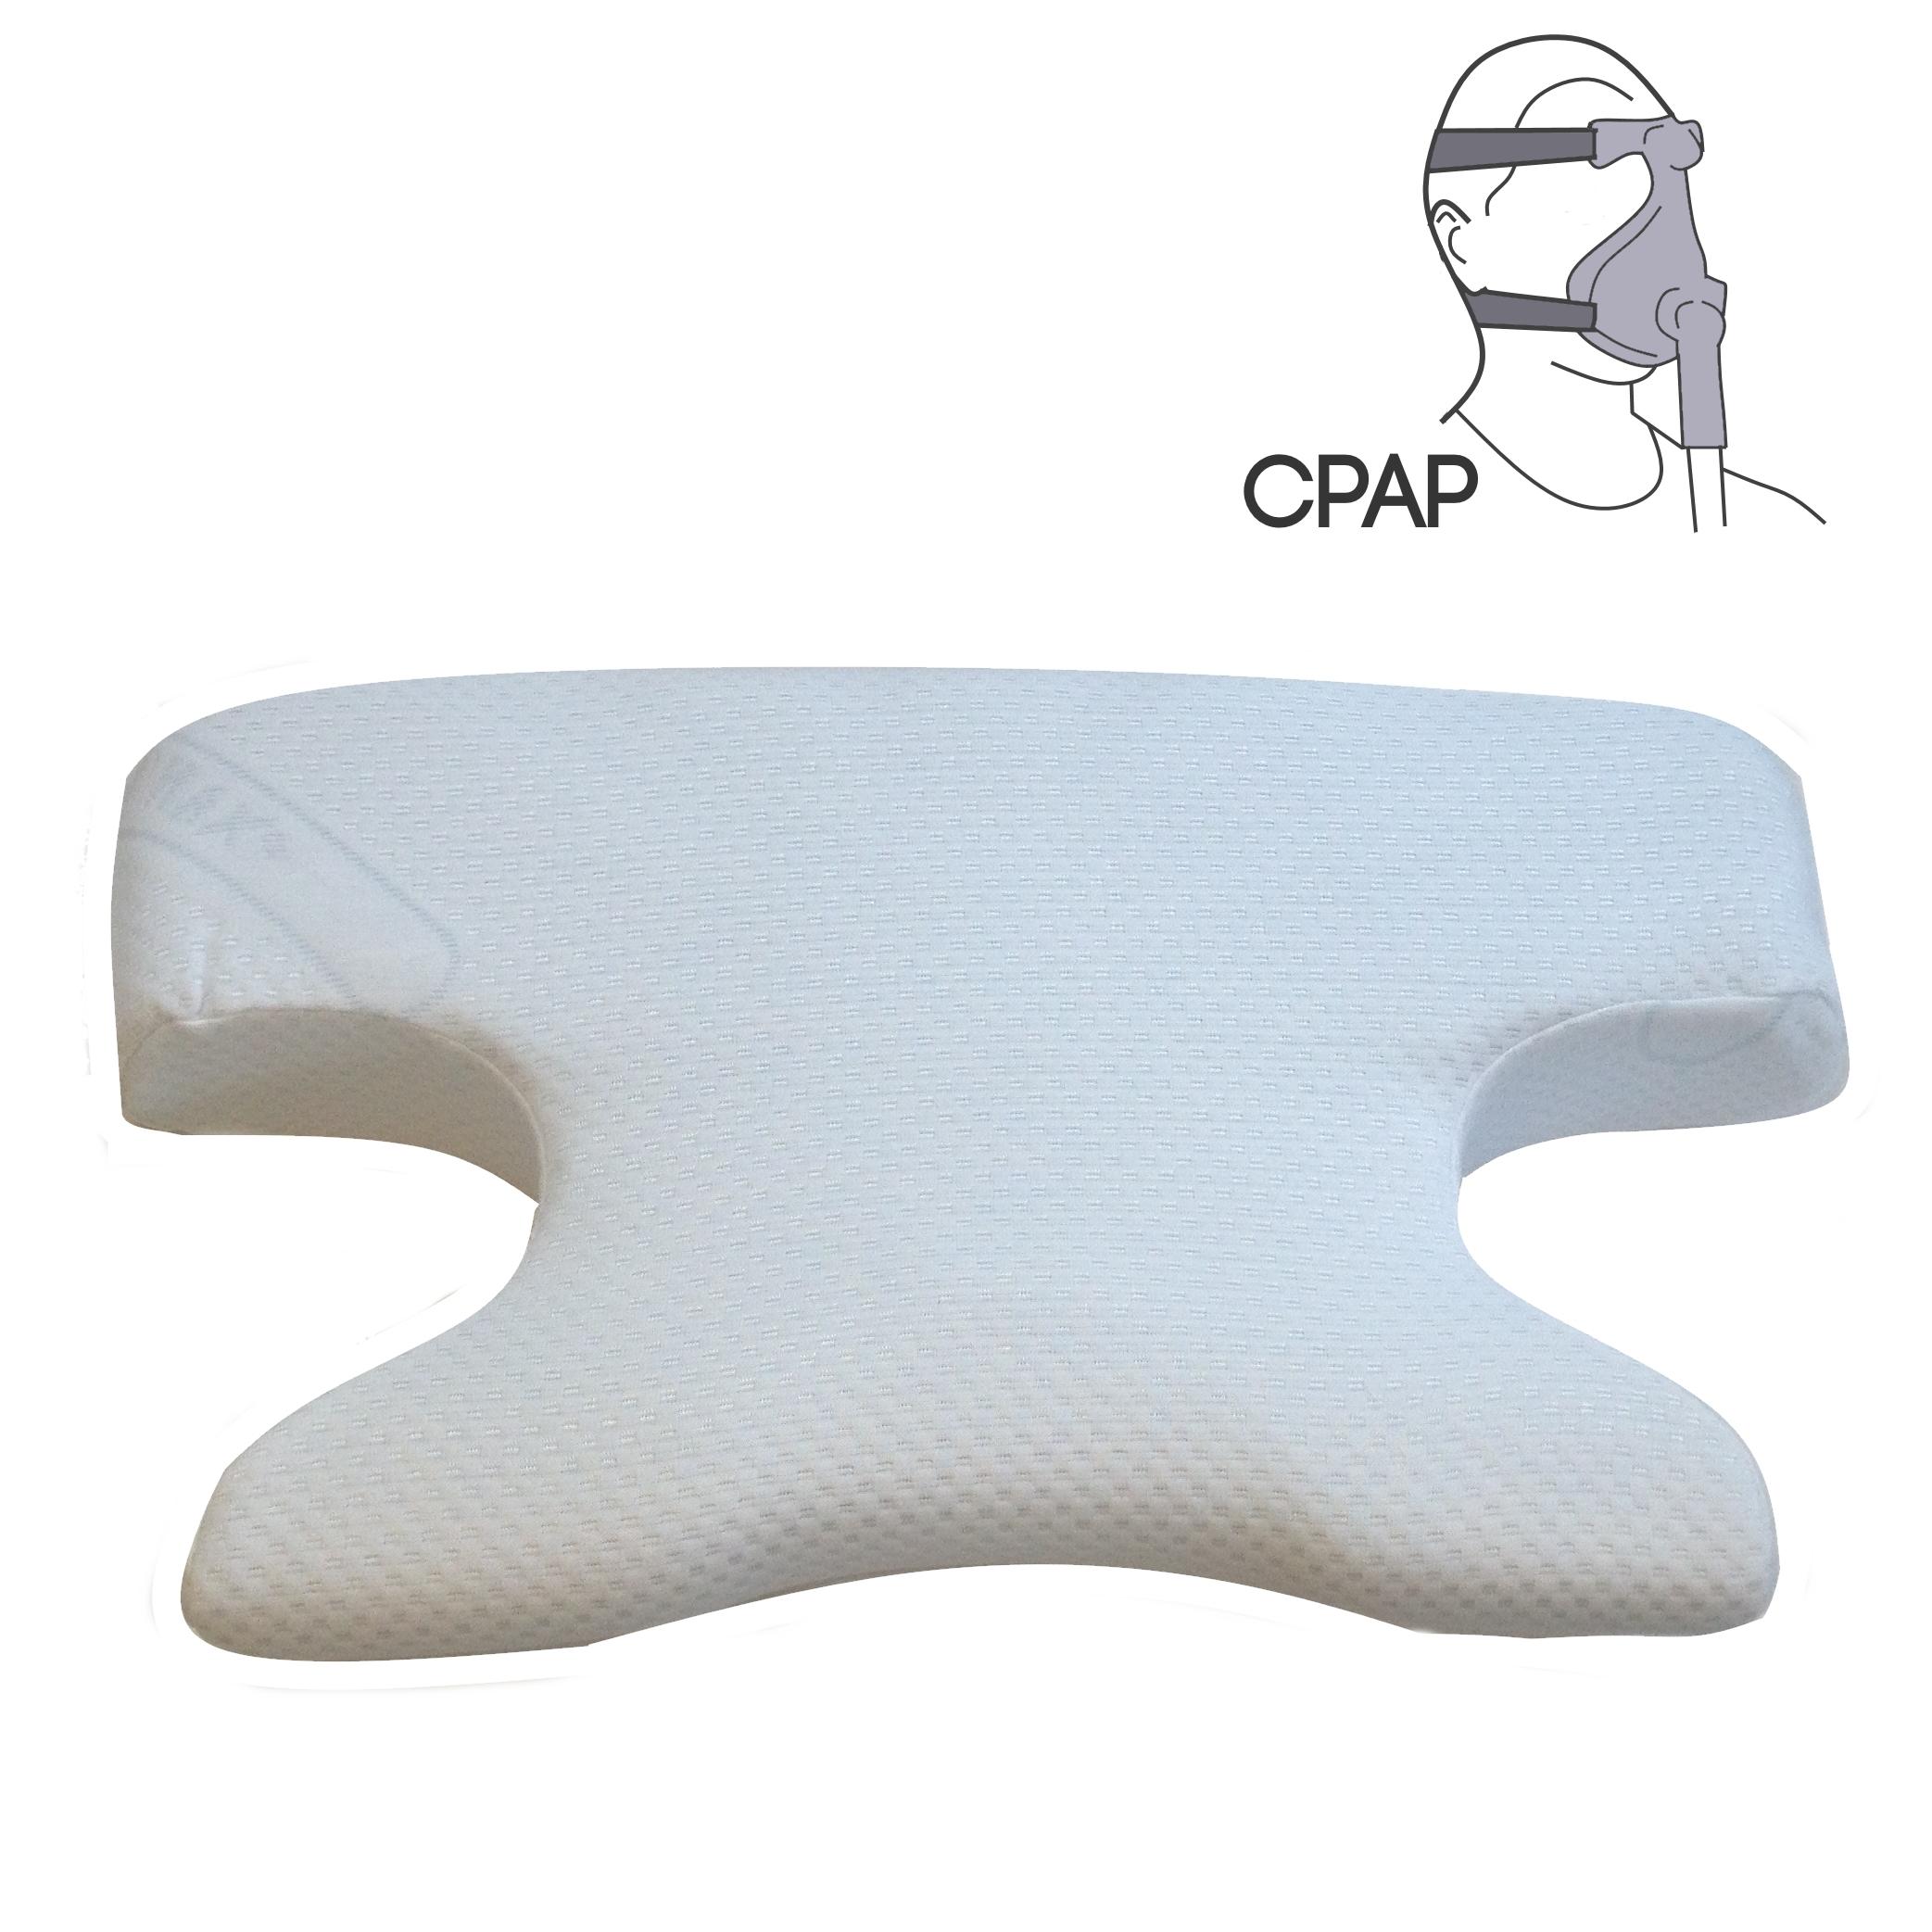 Advanced Cpap Sleep Apnoea Pillows